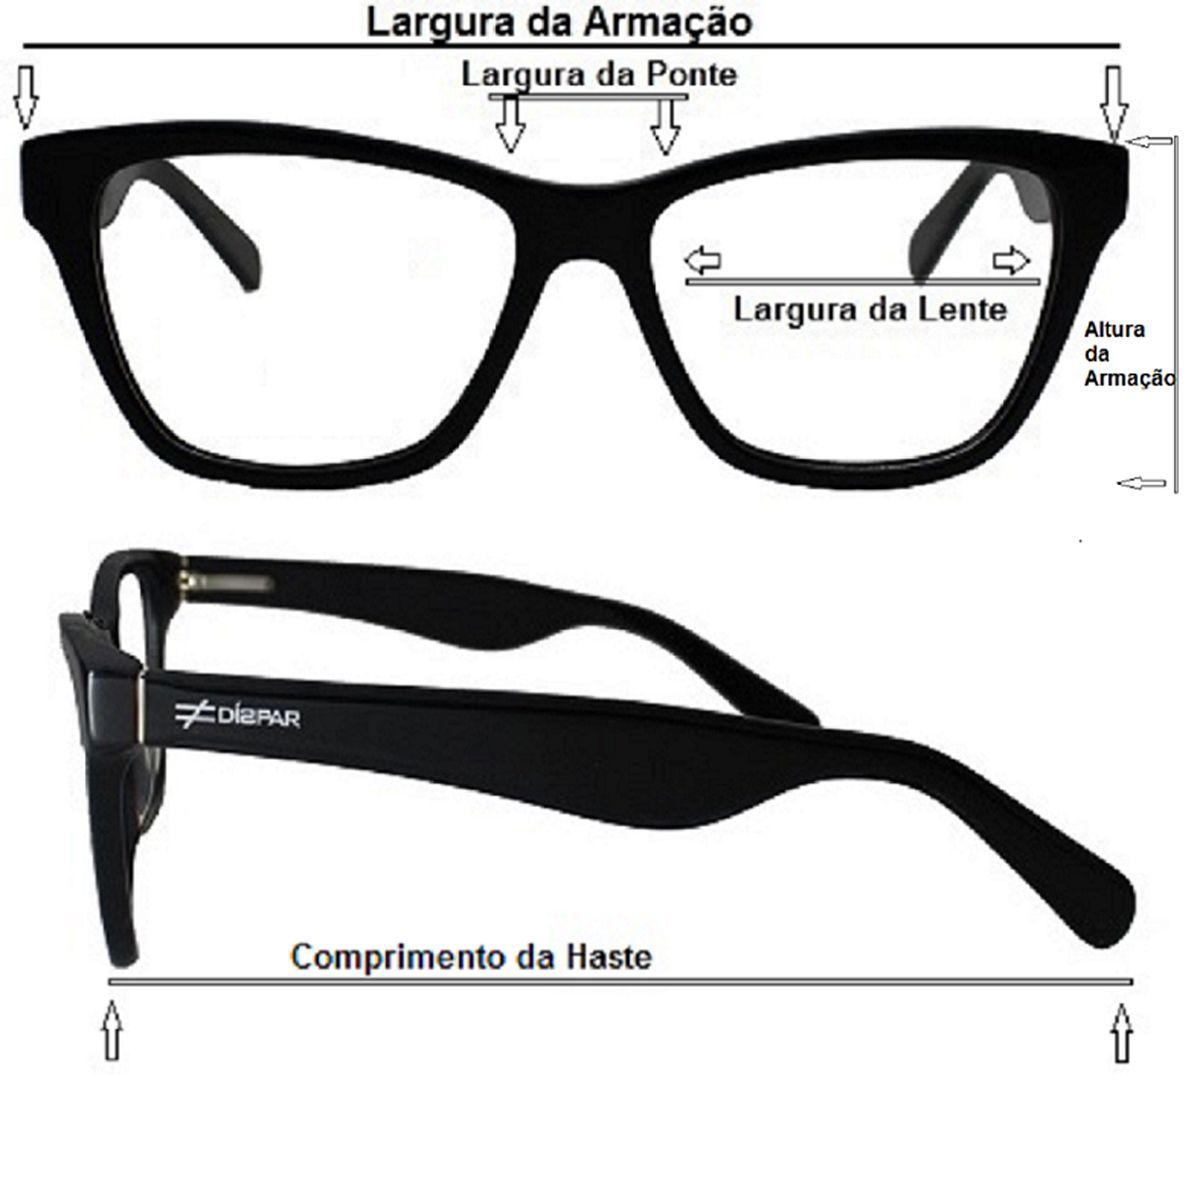 Armação para Óculos Díspar D1642 Preto Rajado